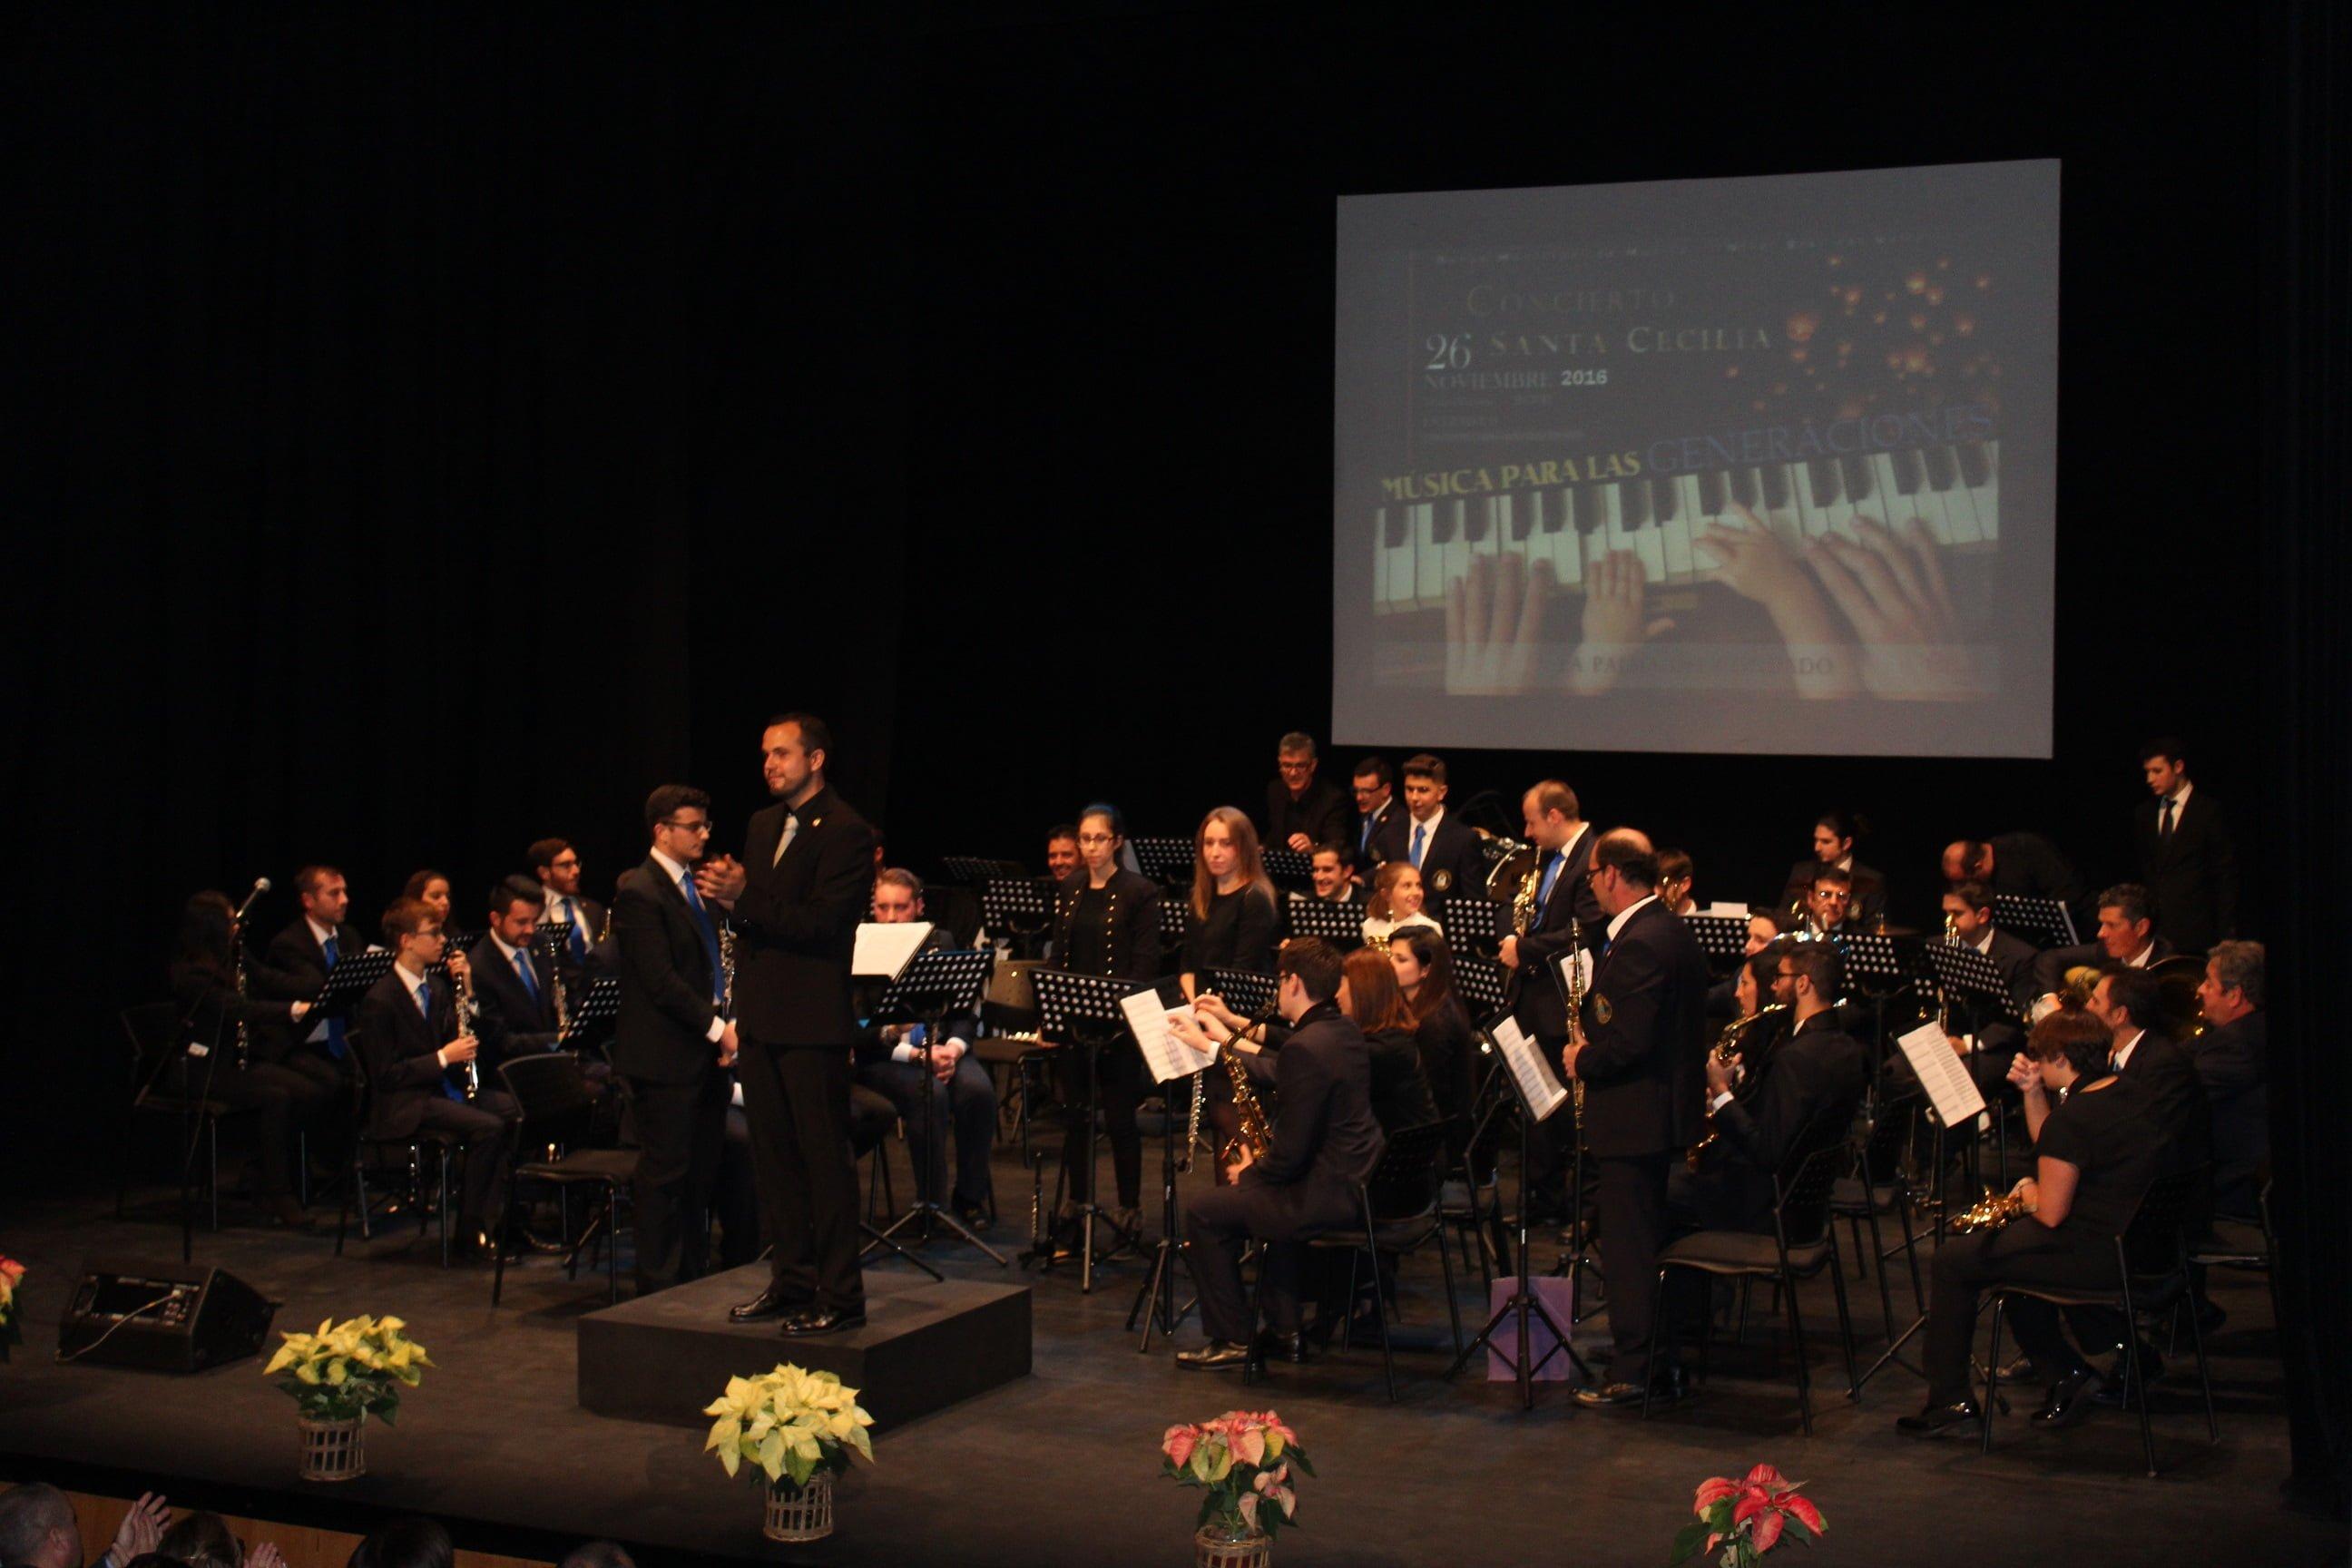 La Banda agradece los aplausos del público